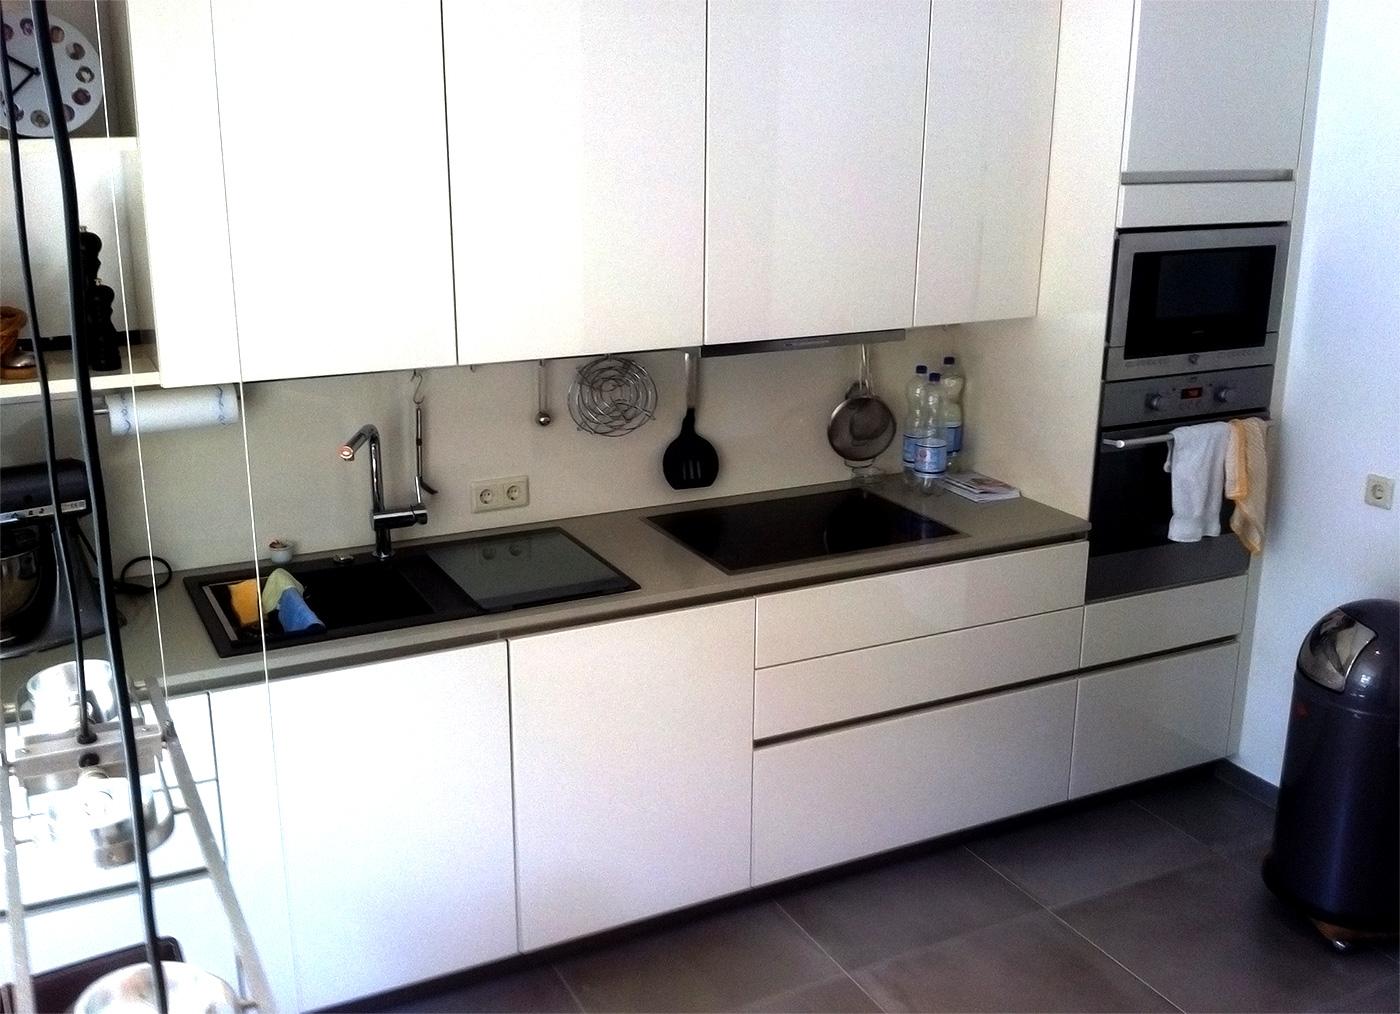 kuche zu dunklem boden, dunkle küche dunkler boden. küche sonoma eiche weiß beton holz, Design ideen